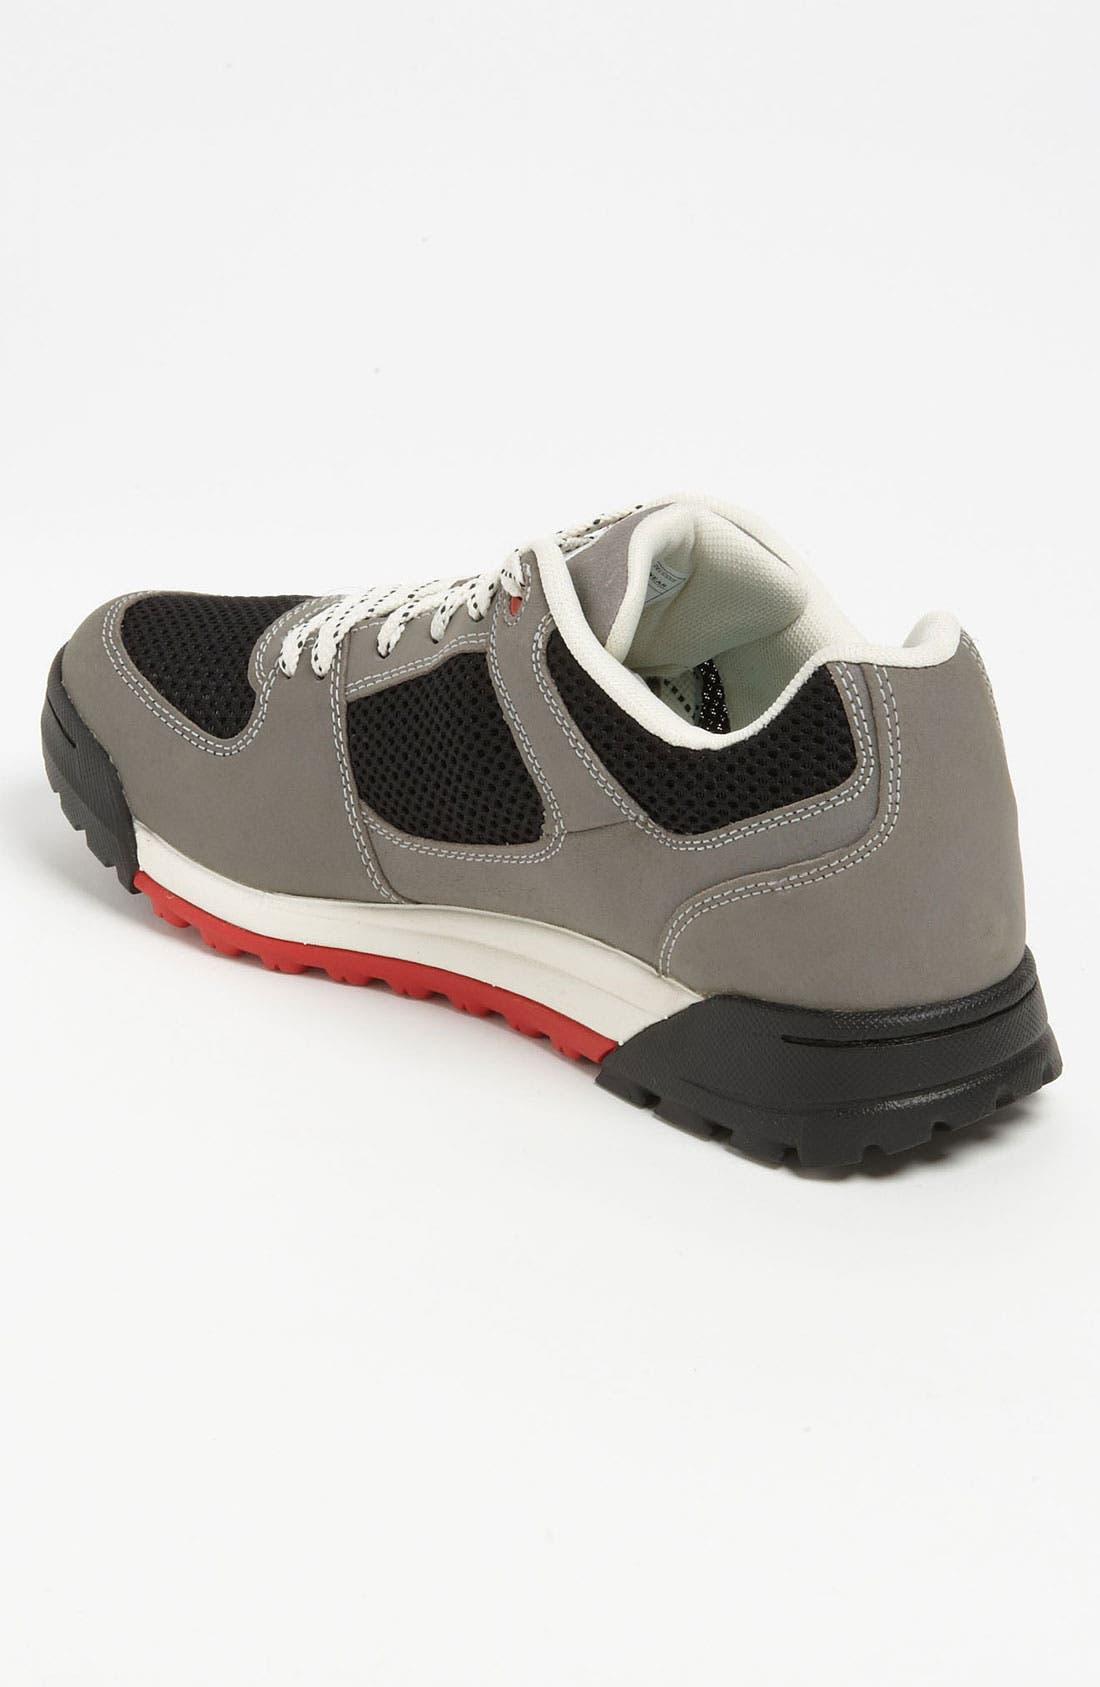 Alternate Image 2  - Patagonia 'Javelina AC' Walking Shoe (Men) (Online Only)